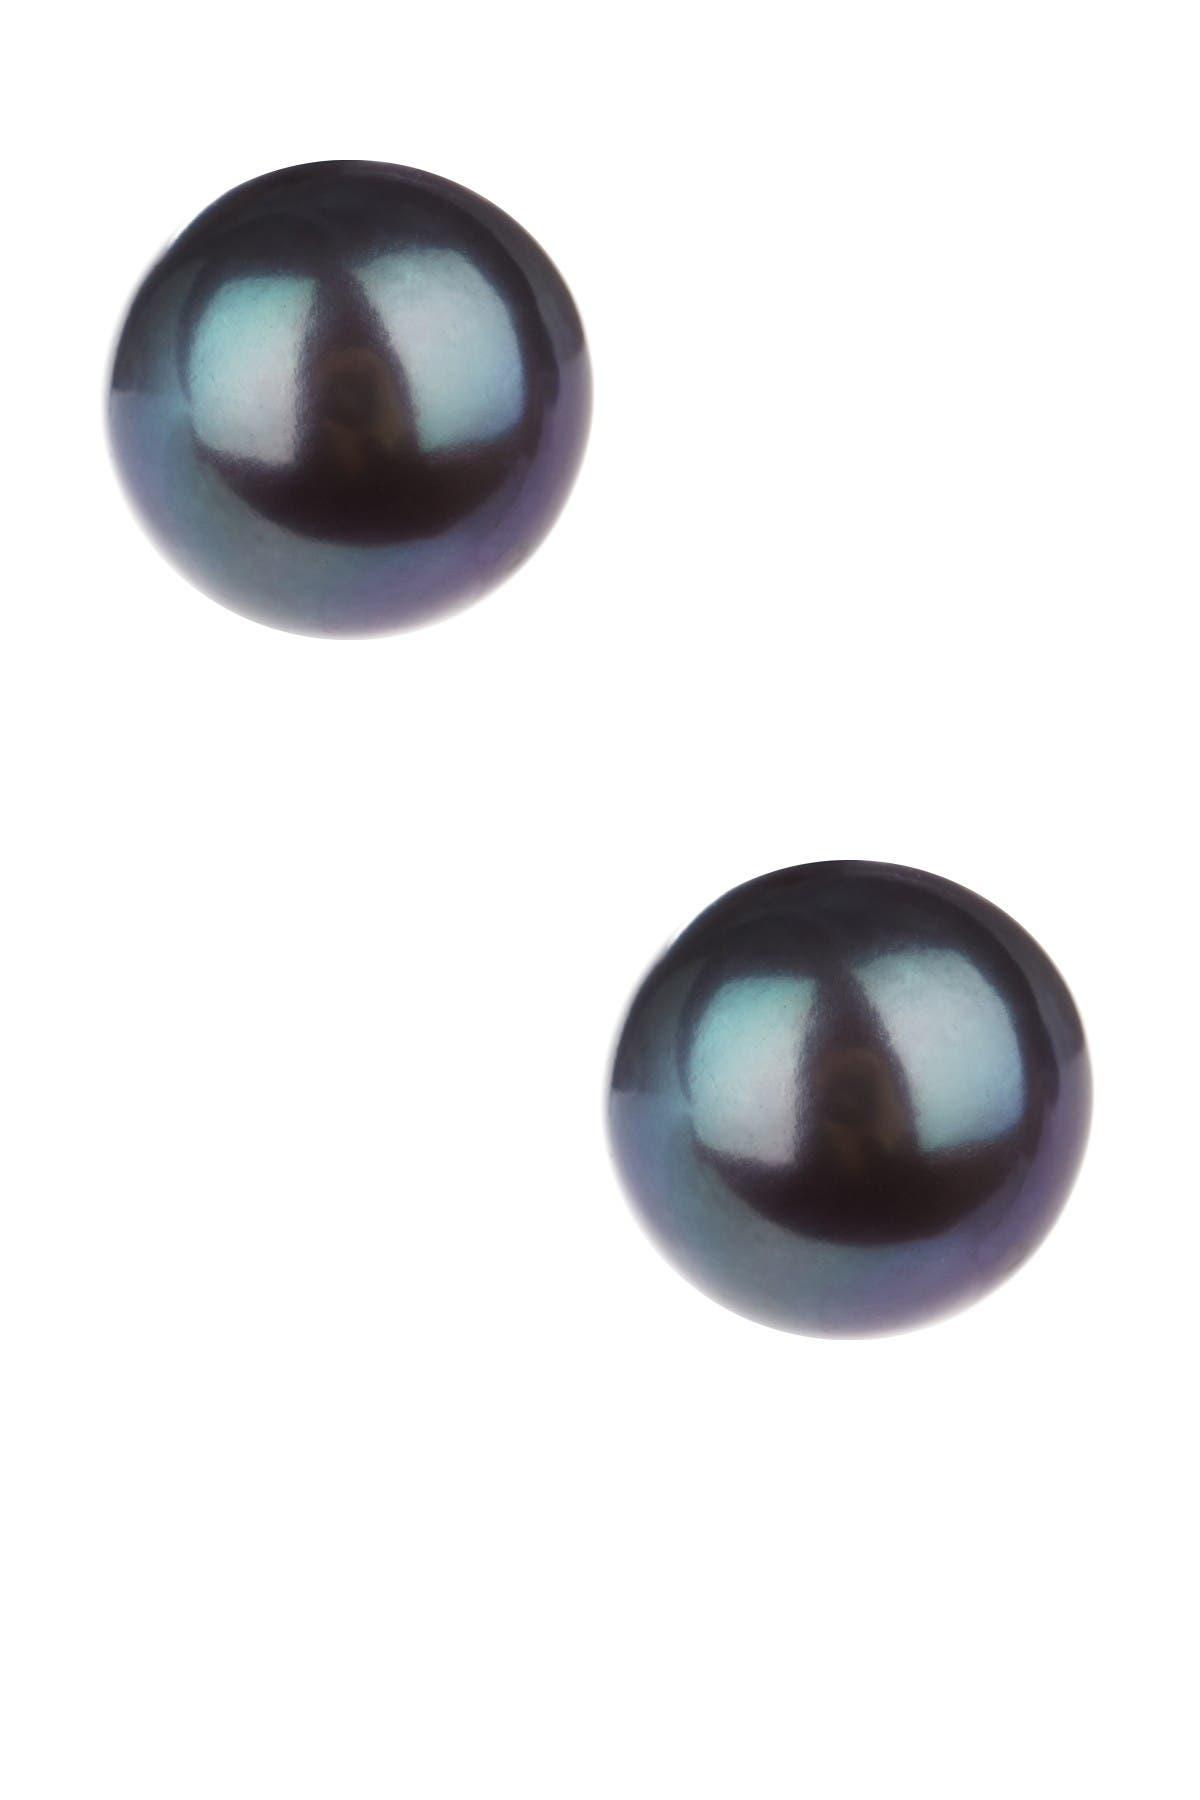 Image of Splendid Pearls 14K Yellow Gold 9-10mm Black Freshwater Pearl Stud Earrings